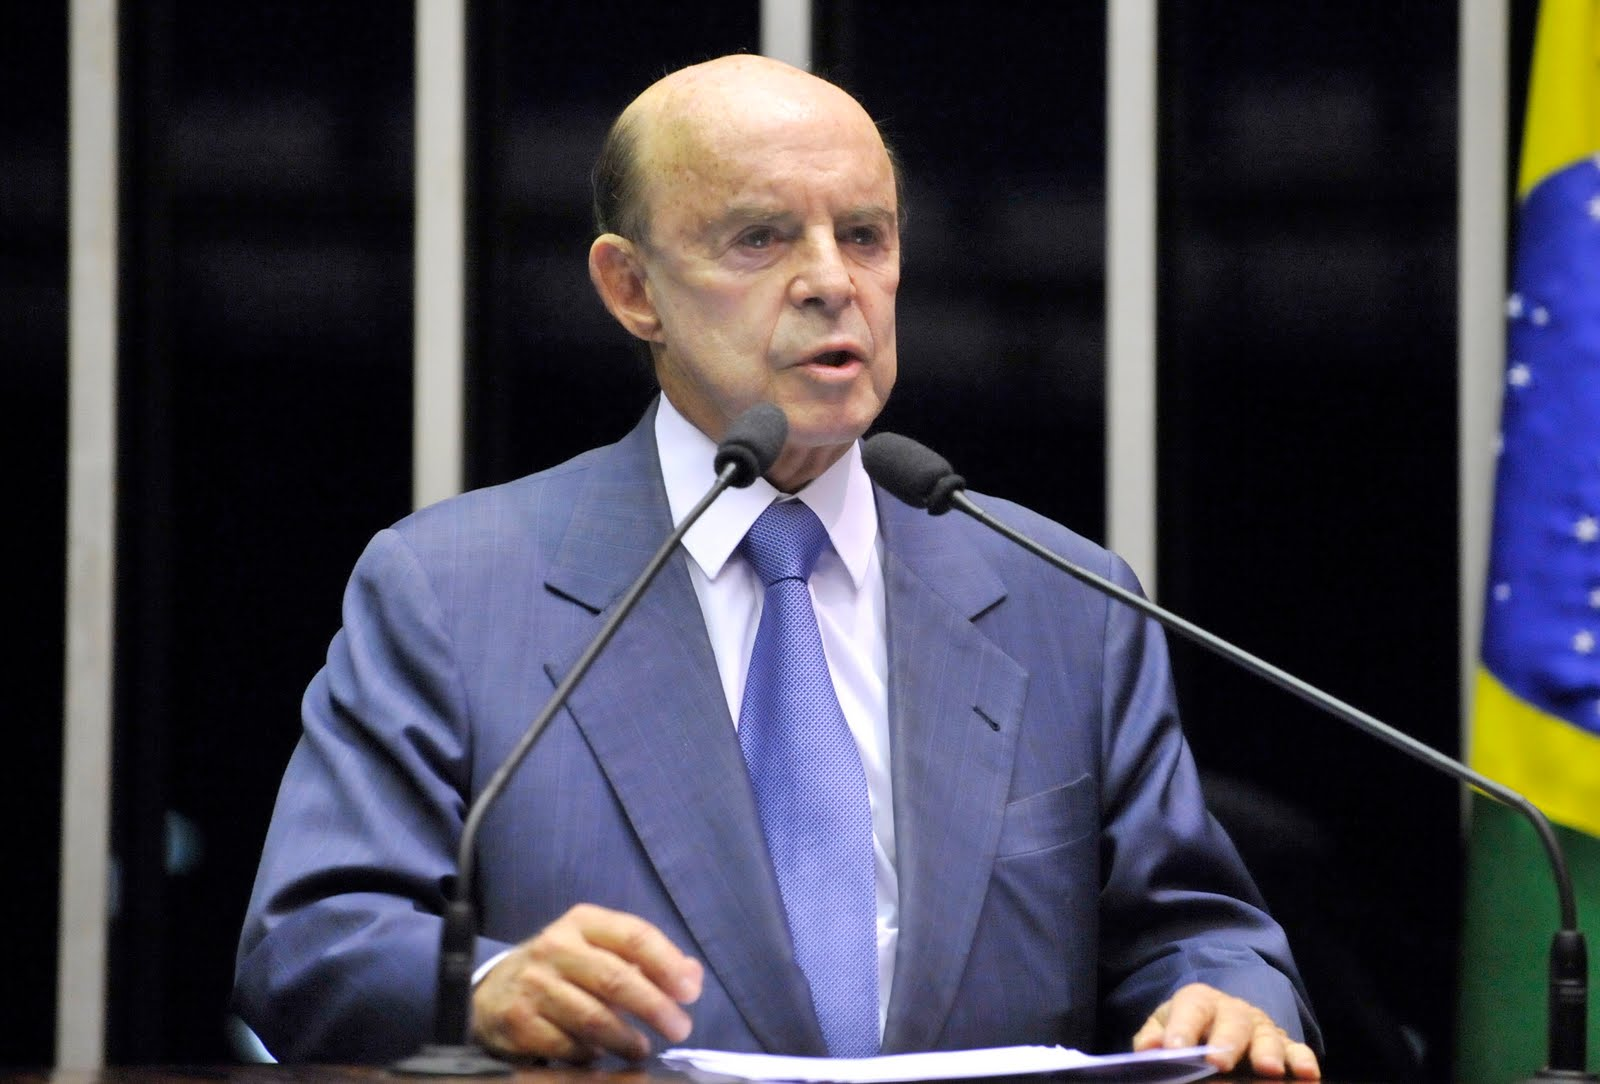 Dornelles fala em defesa do Rio na Associação Comercial